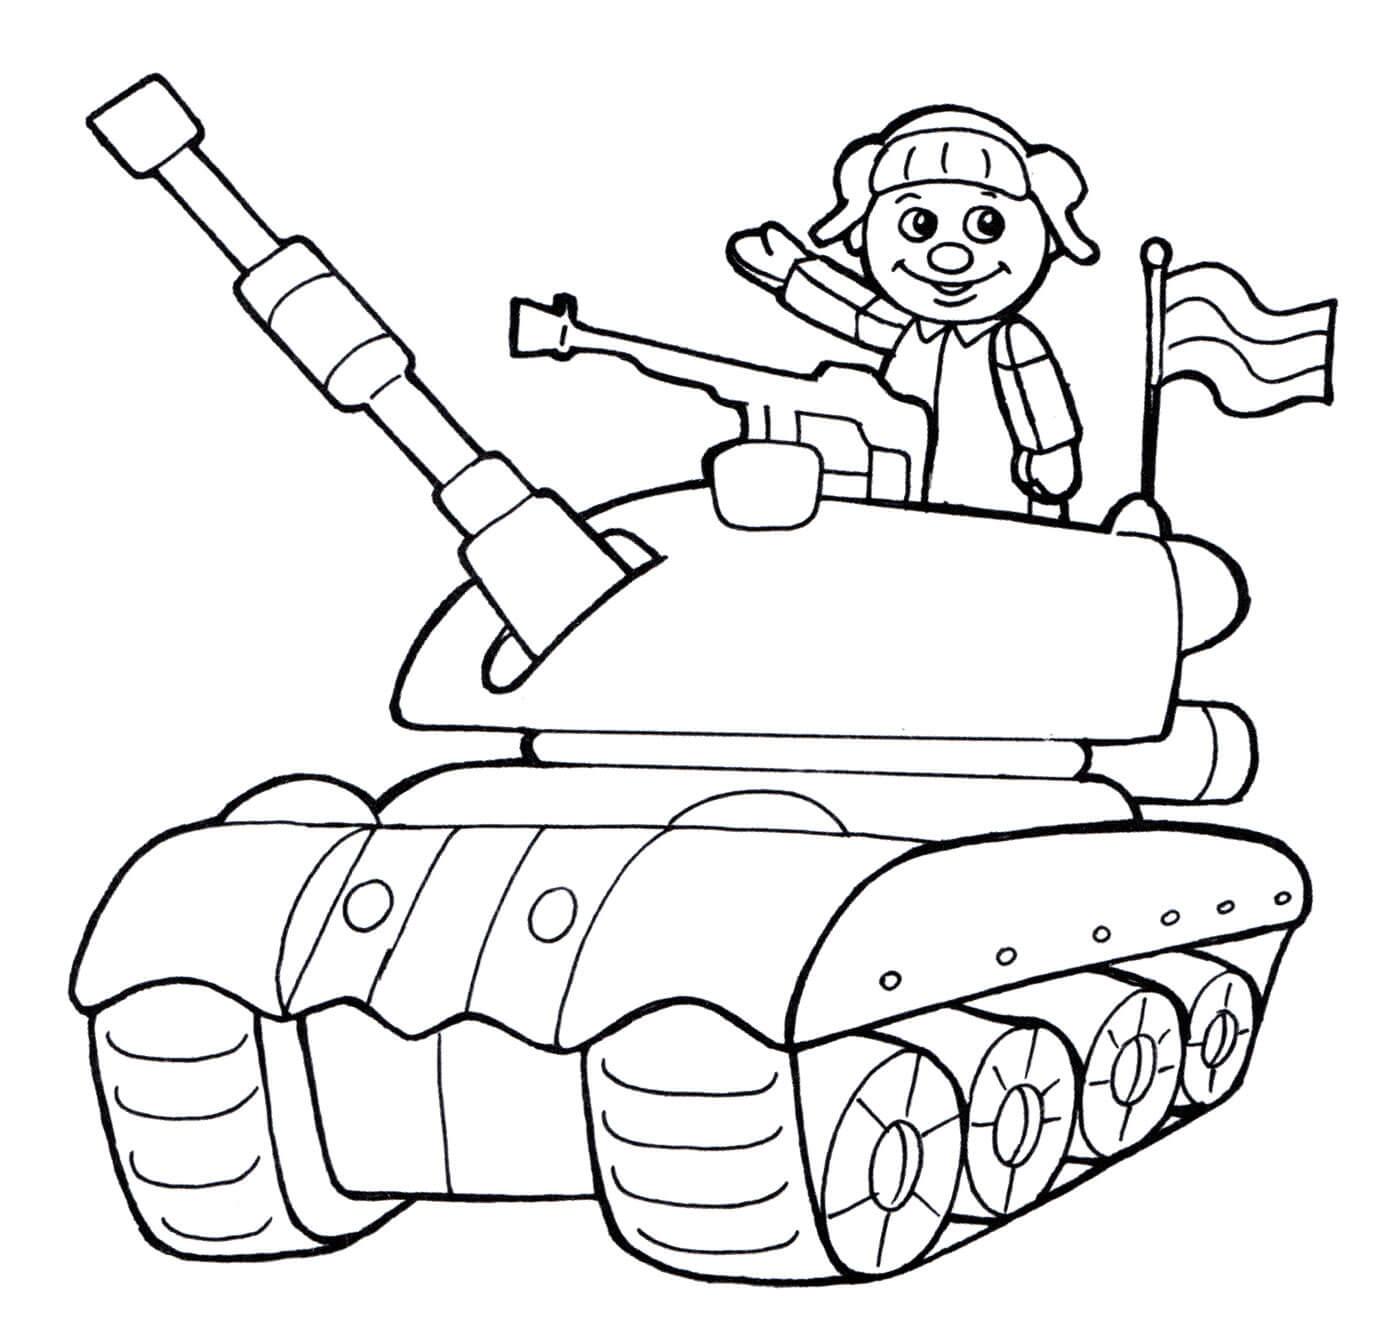 Раскраска Игрушечный танк